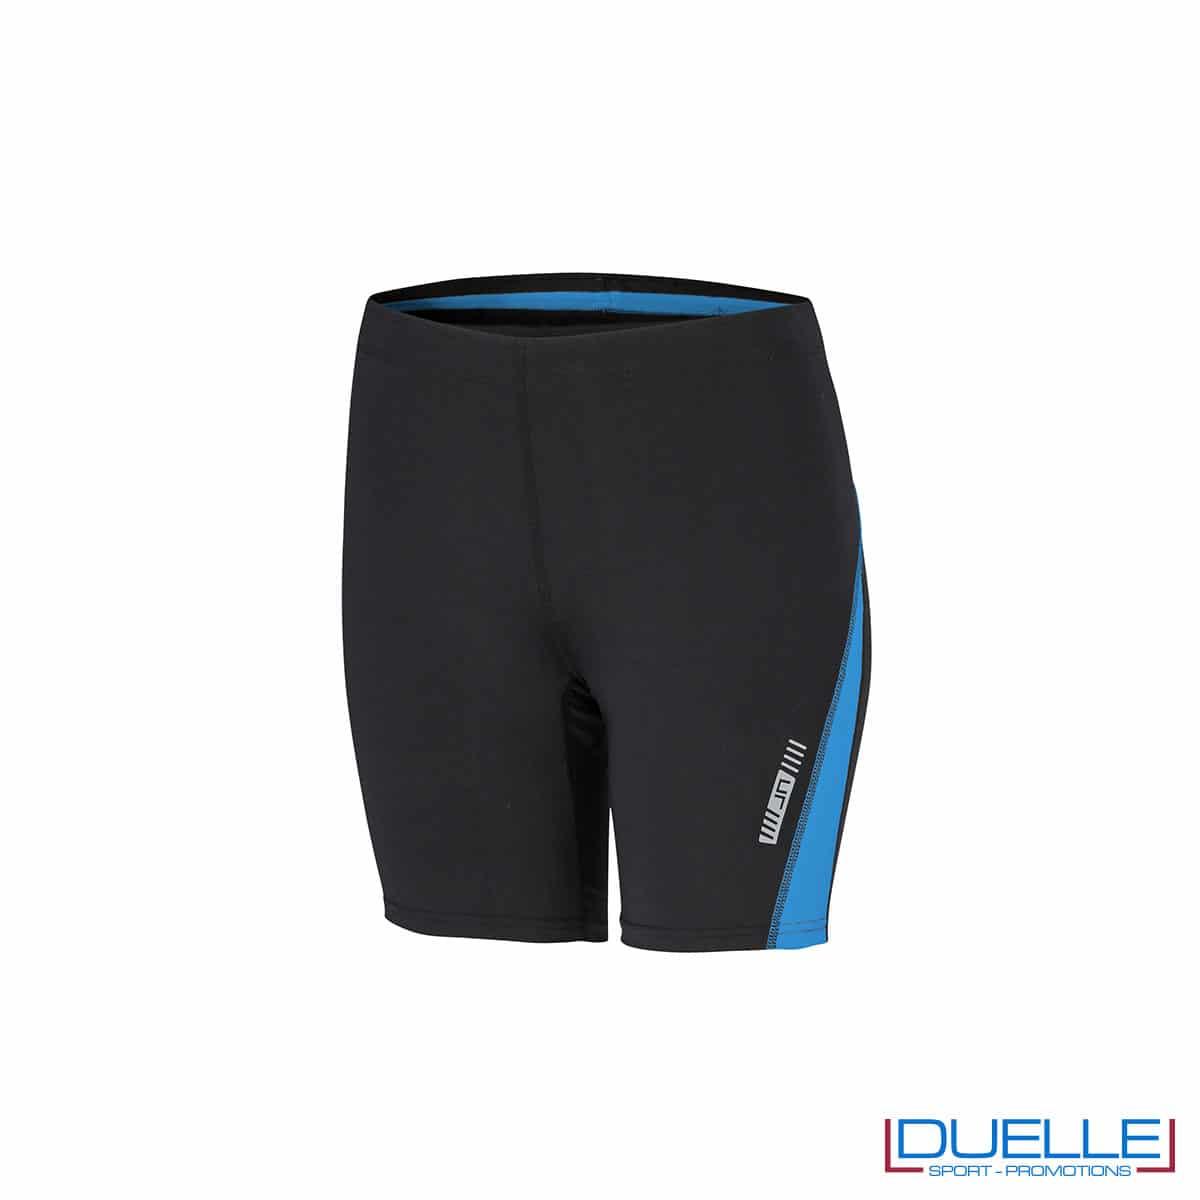 Pantaloncini running donna personalizzati colore nero/azzurro